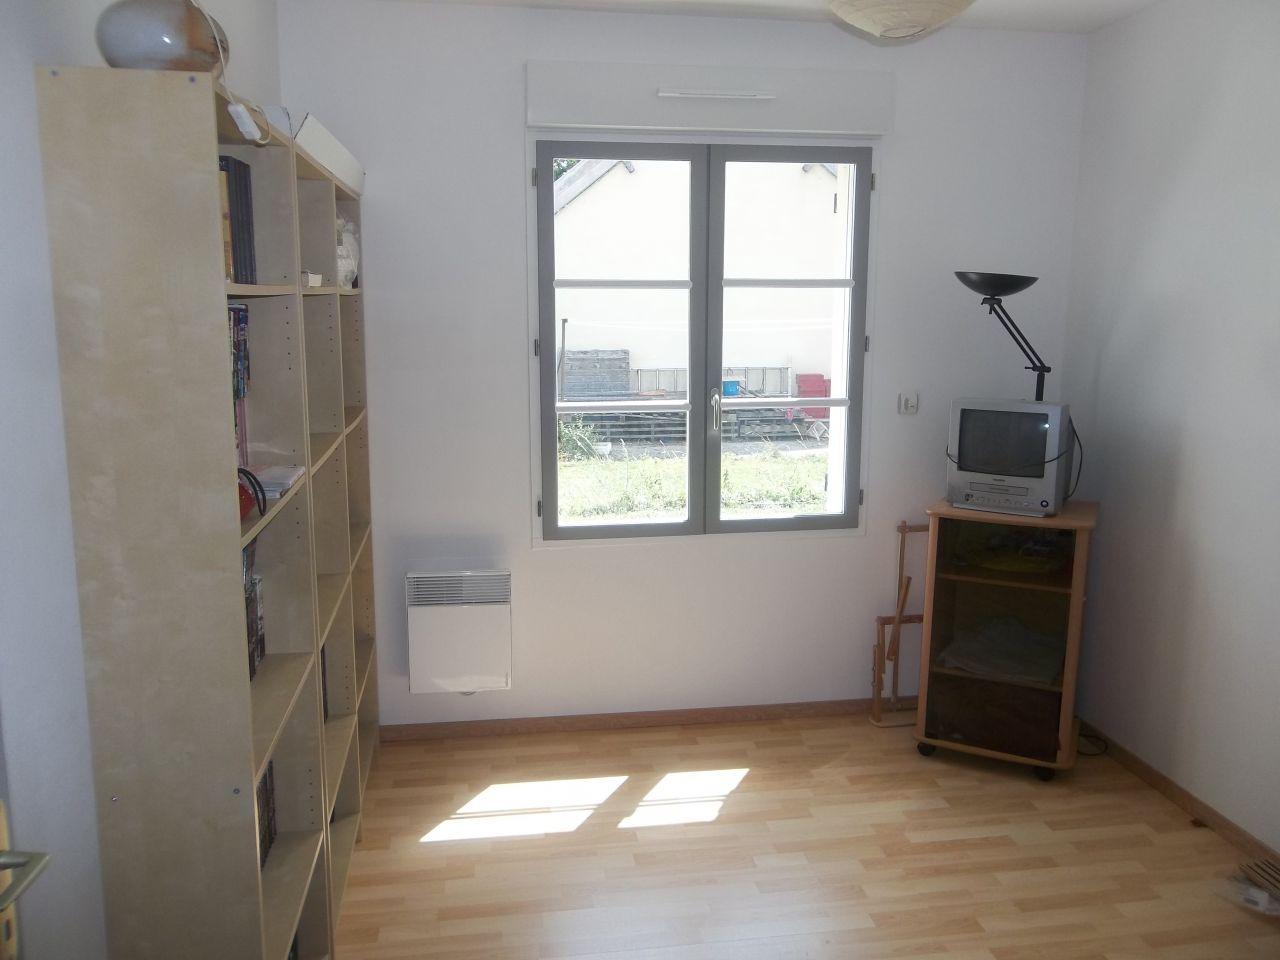 Photo chambre d 39 amis 10m2 sols bois moyen monts oise - Decoration chambre d amis ...